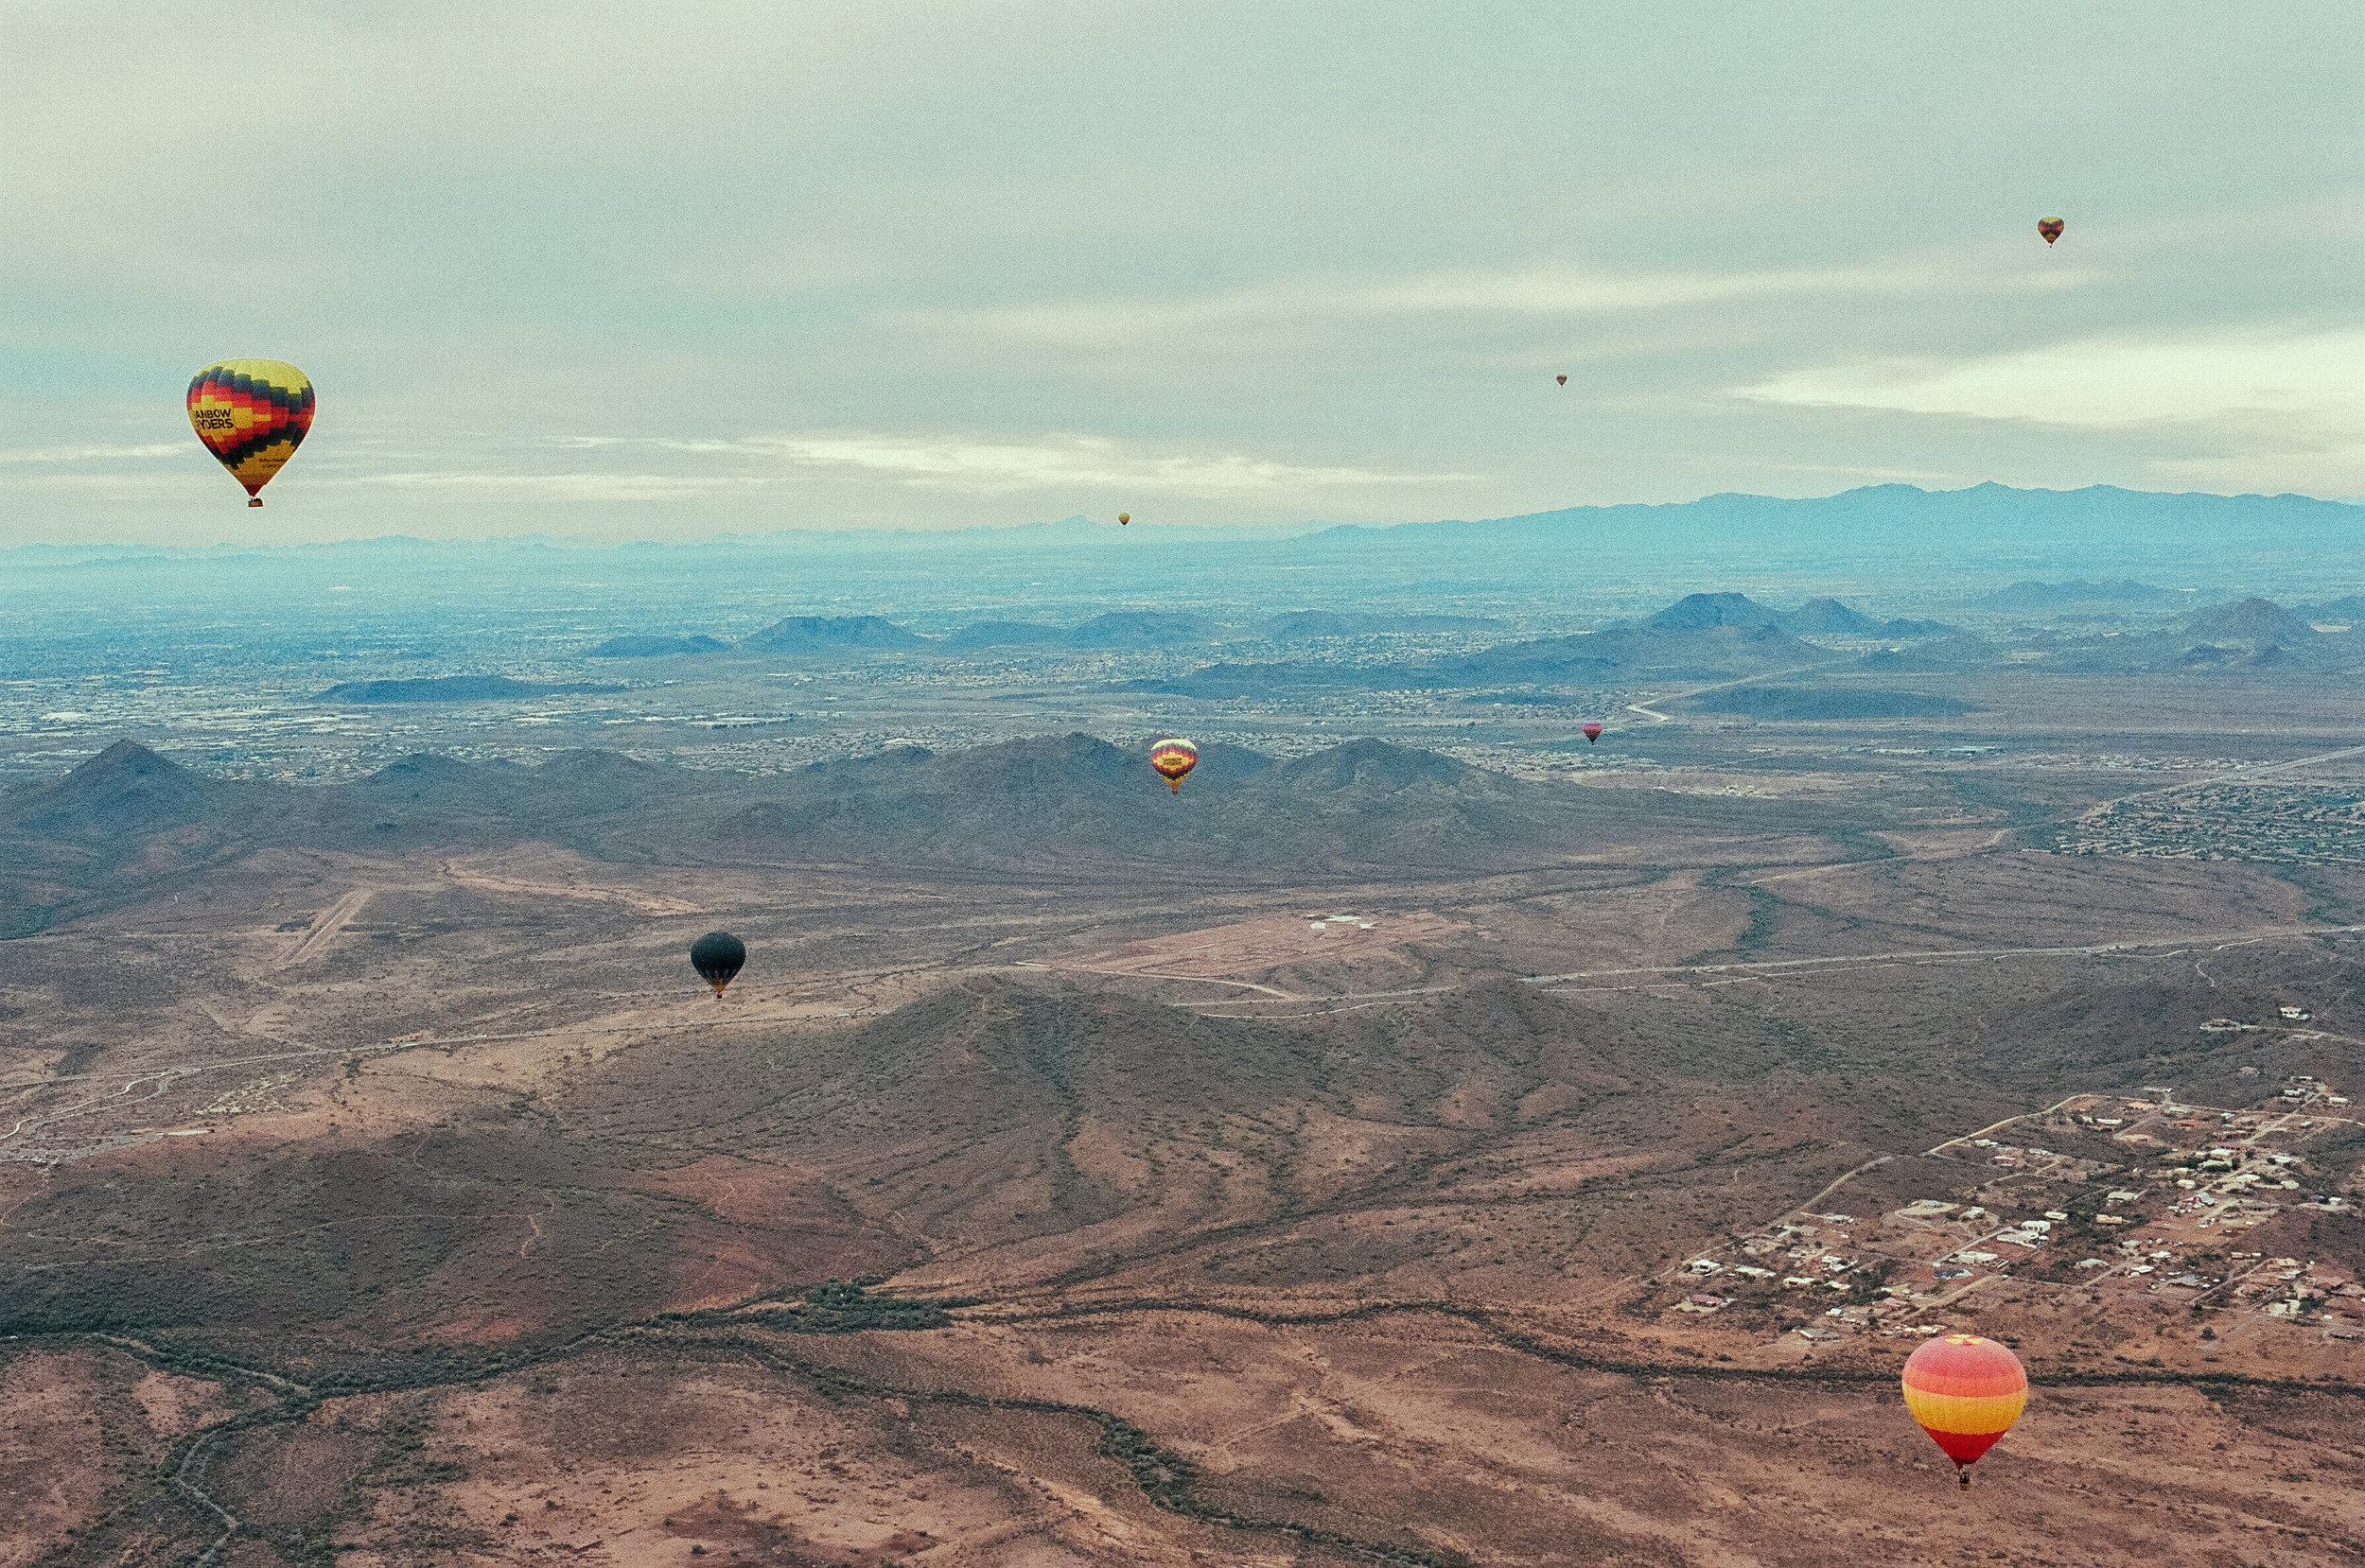 hot air expeditions arizona